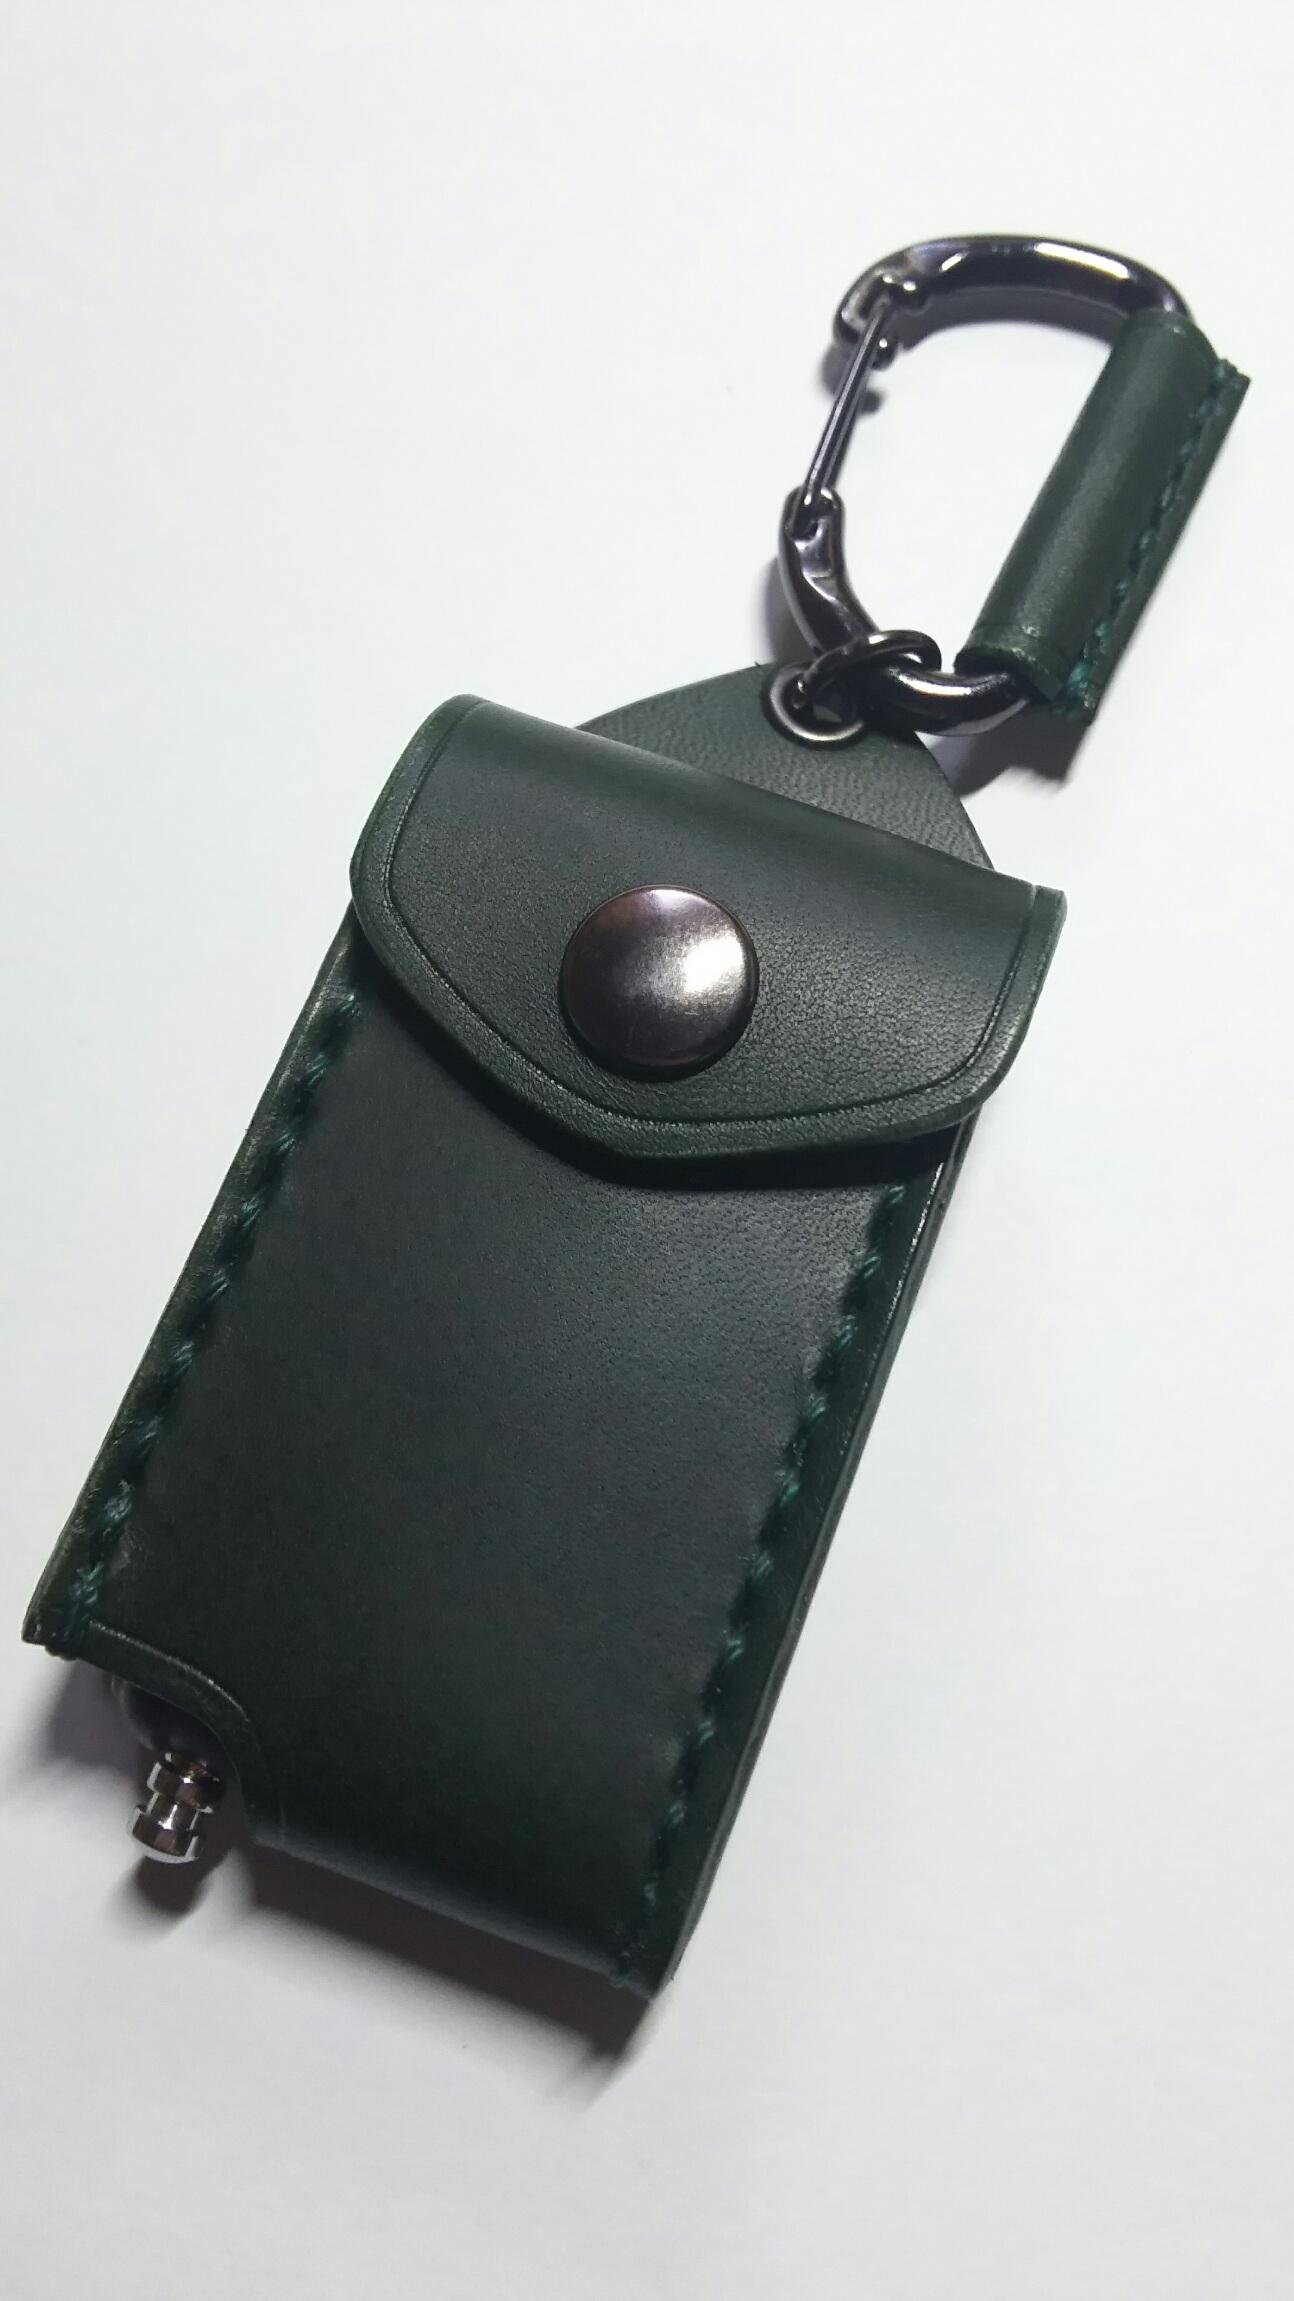 日産用エンジンスターターケース。画像は革、縫製糸が緑。ボタンはいぶしです。